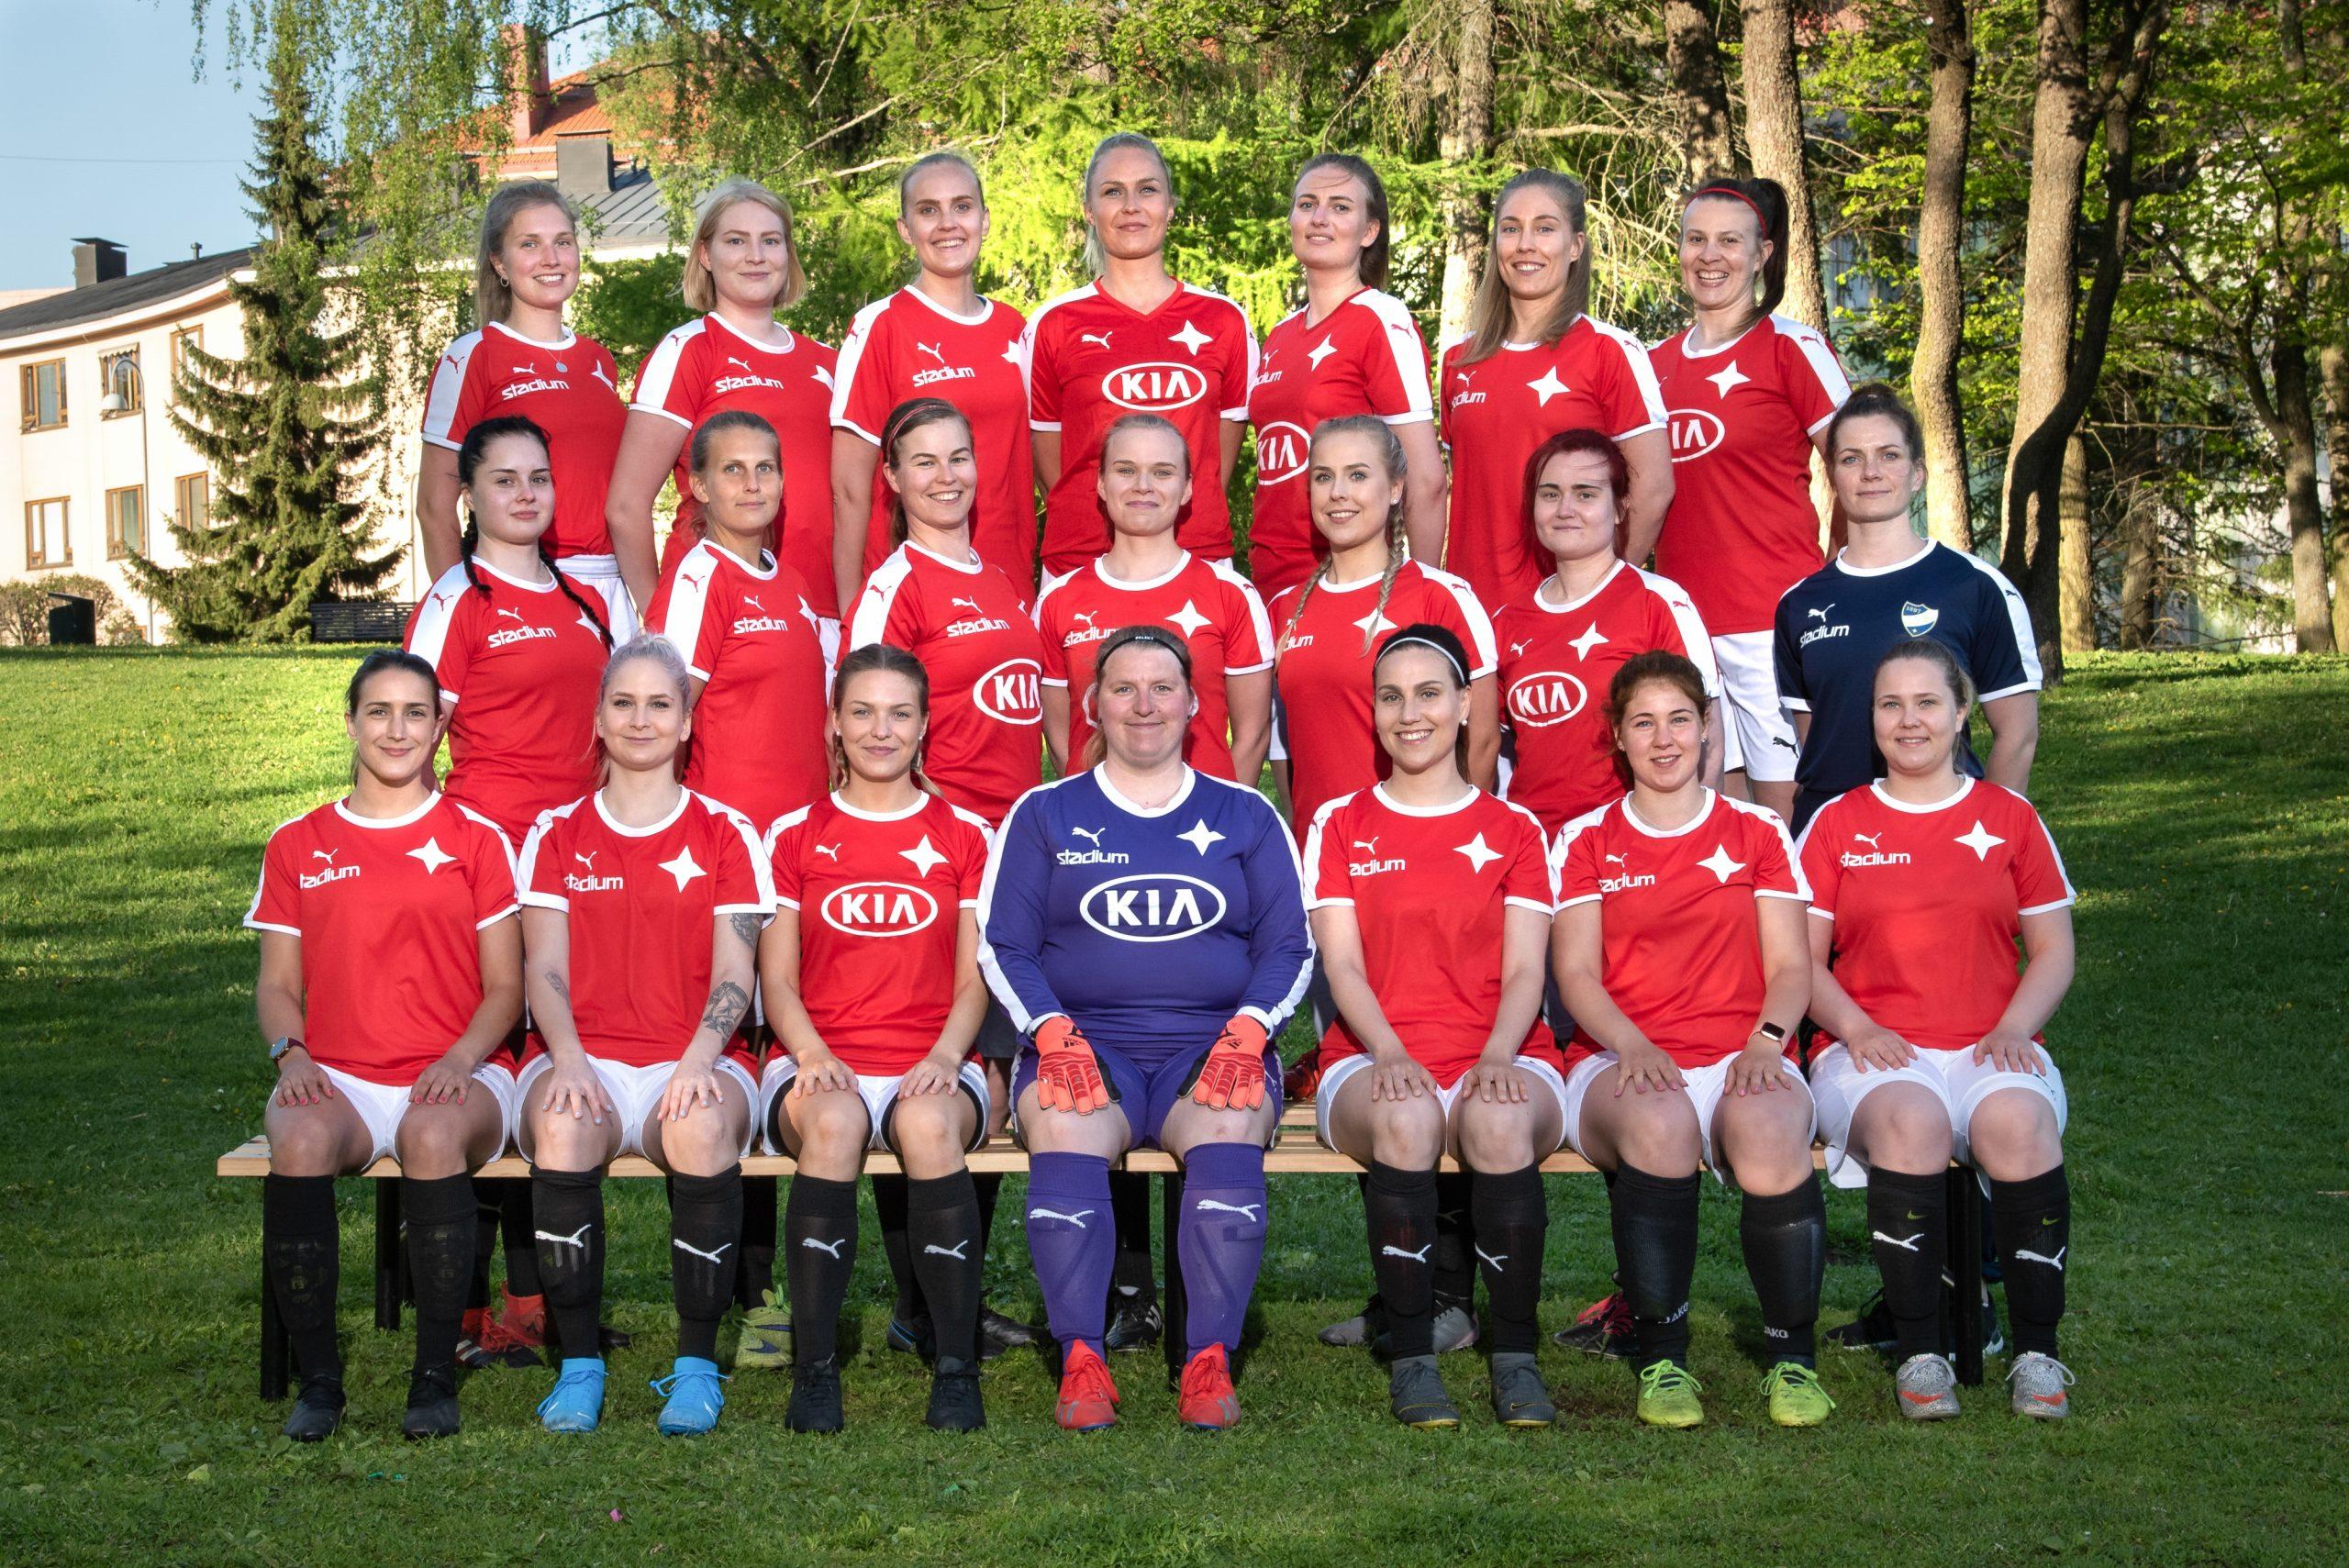 HIFK/Red blev tvåa i sin grupp i Fyran efter jämna matcher